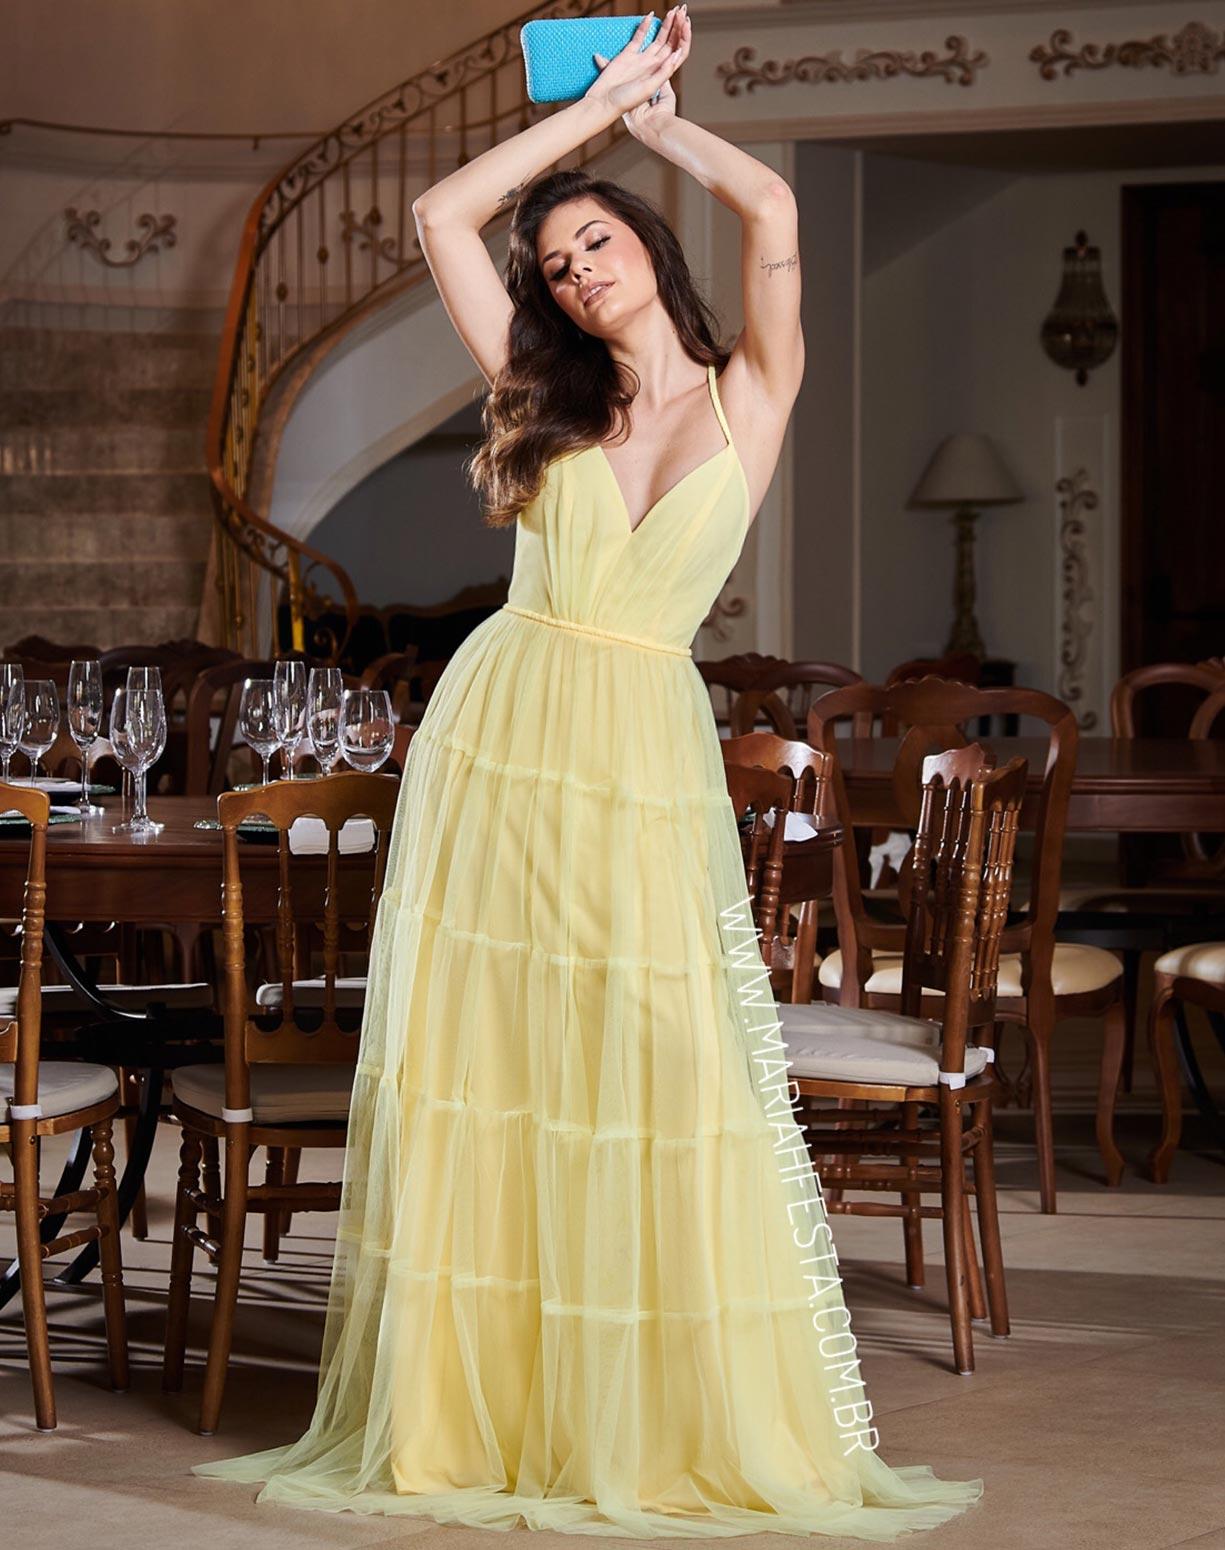 Vestido Amarelo em Tule com Saia Evasê em Camadas